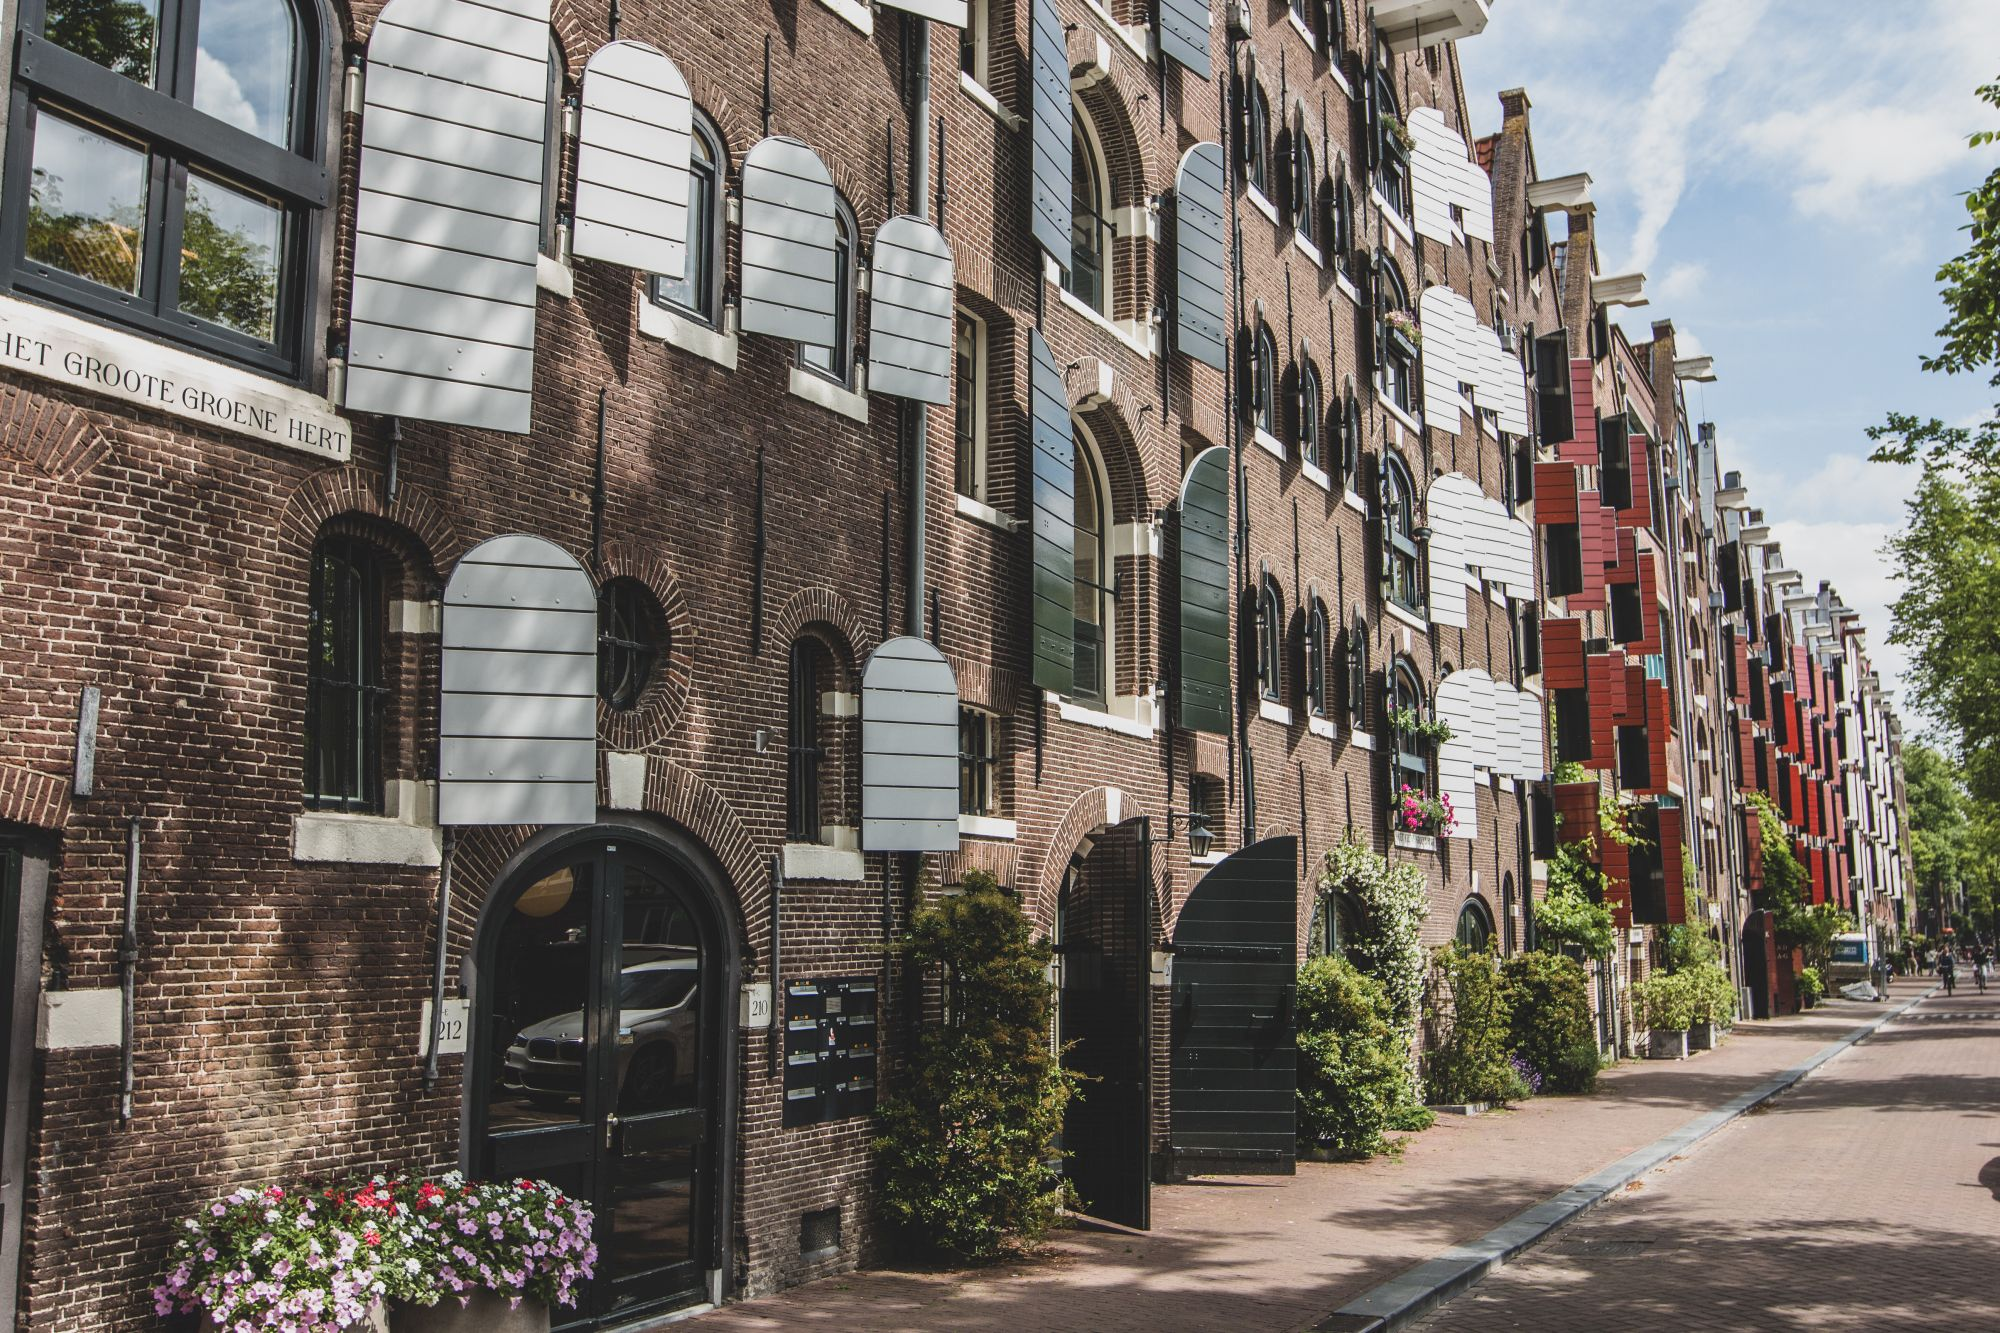 Pourquoi Pas De Volets En Irlande visiter amsterdam en un jour : visites et bonnes adresses